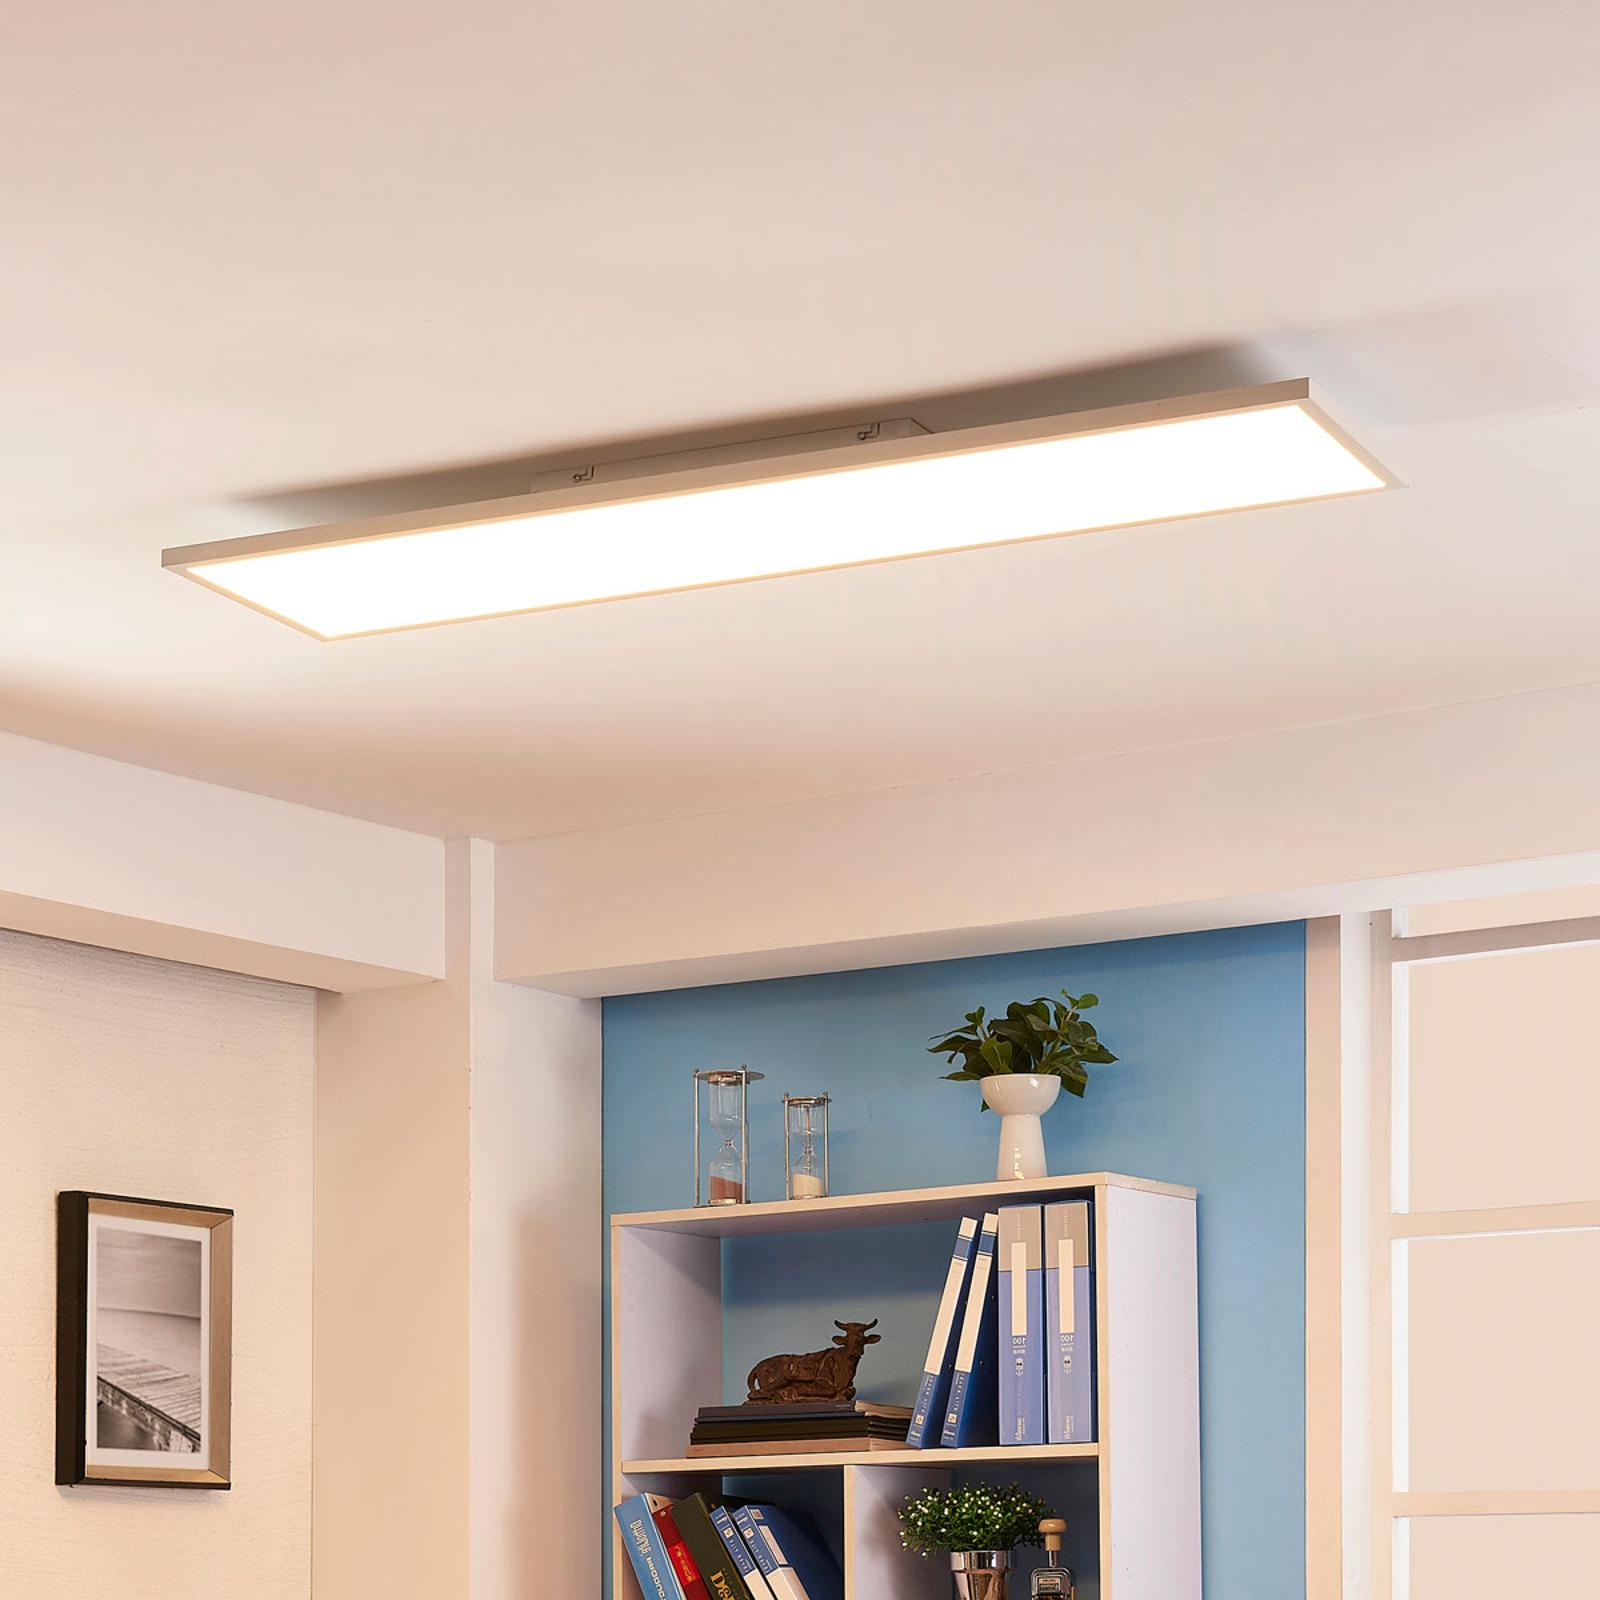 Svietivý LED panel Philia variabilná farba svetla